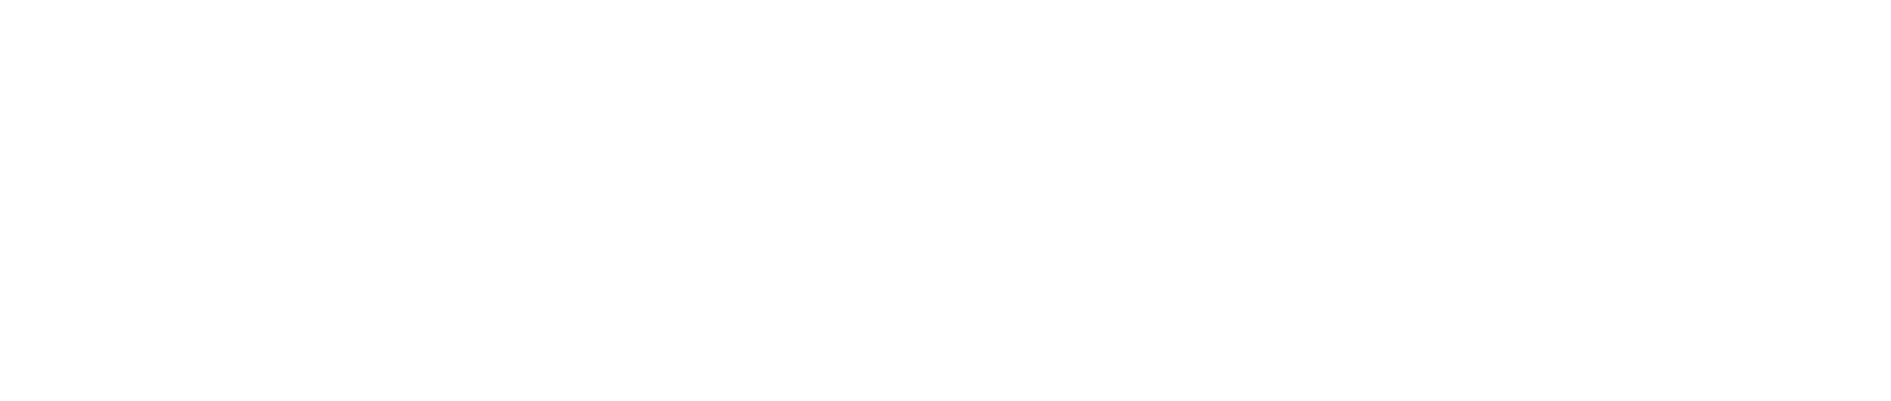 SLL logo white.png